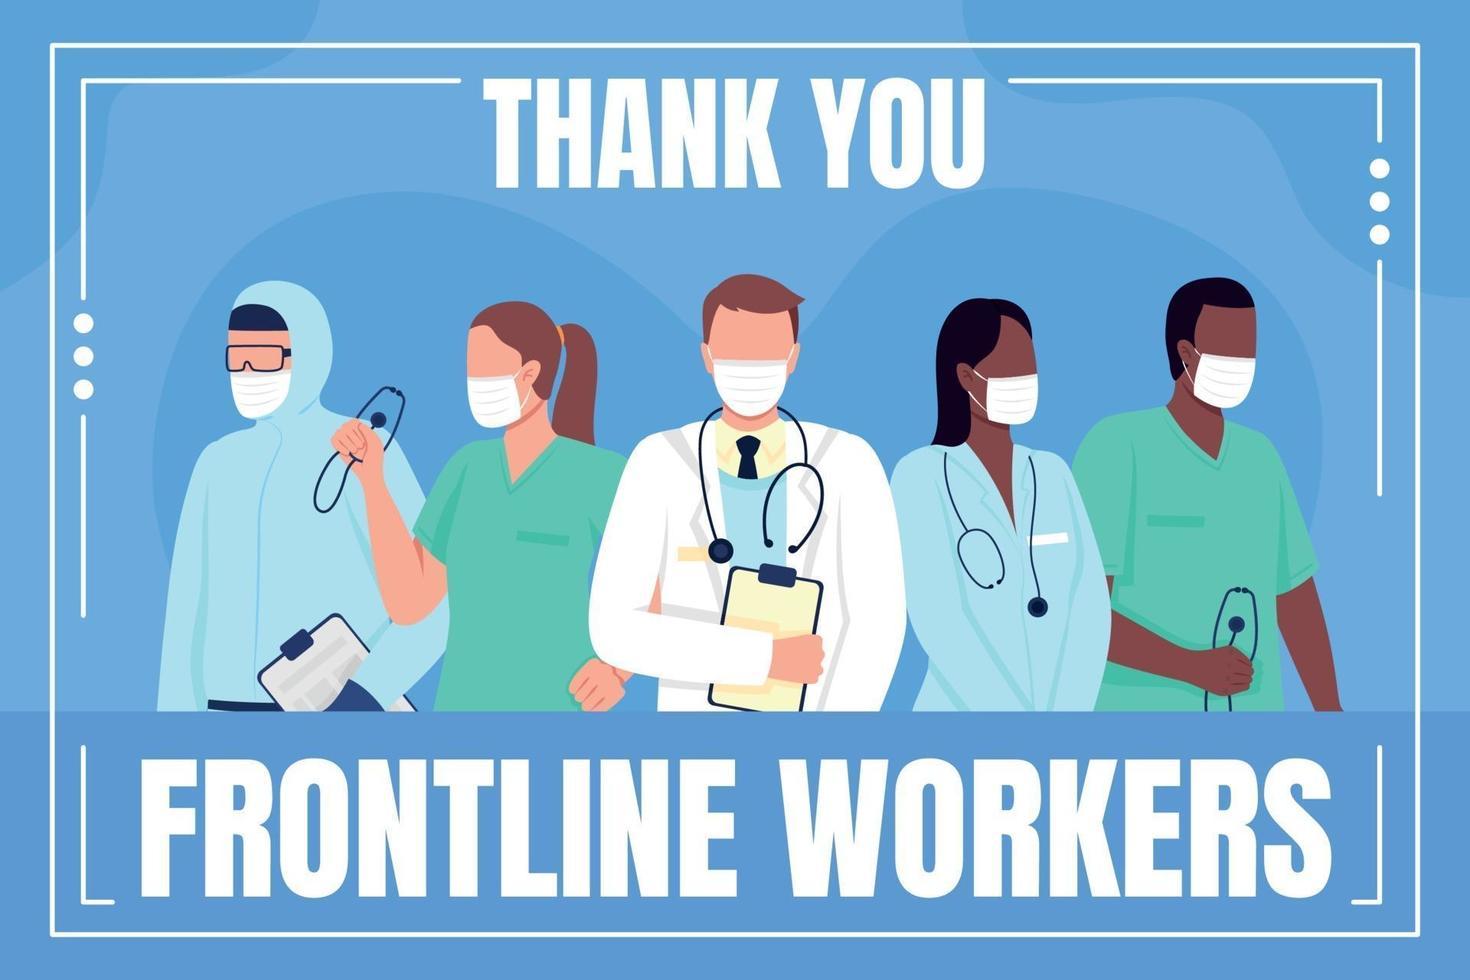 Social Frontline Worker Social Media Post Mockup vektor